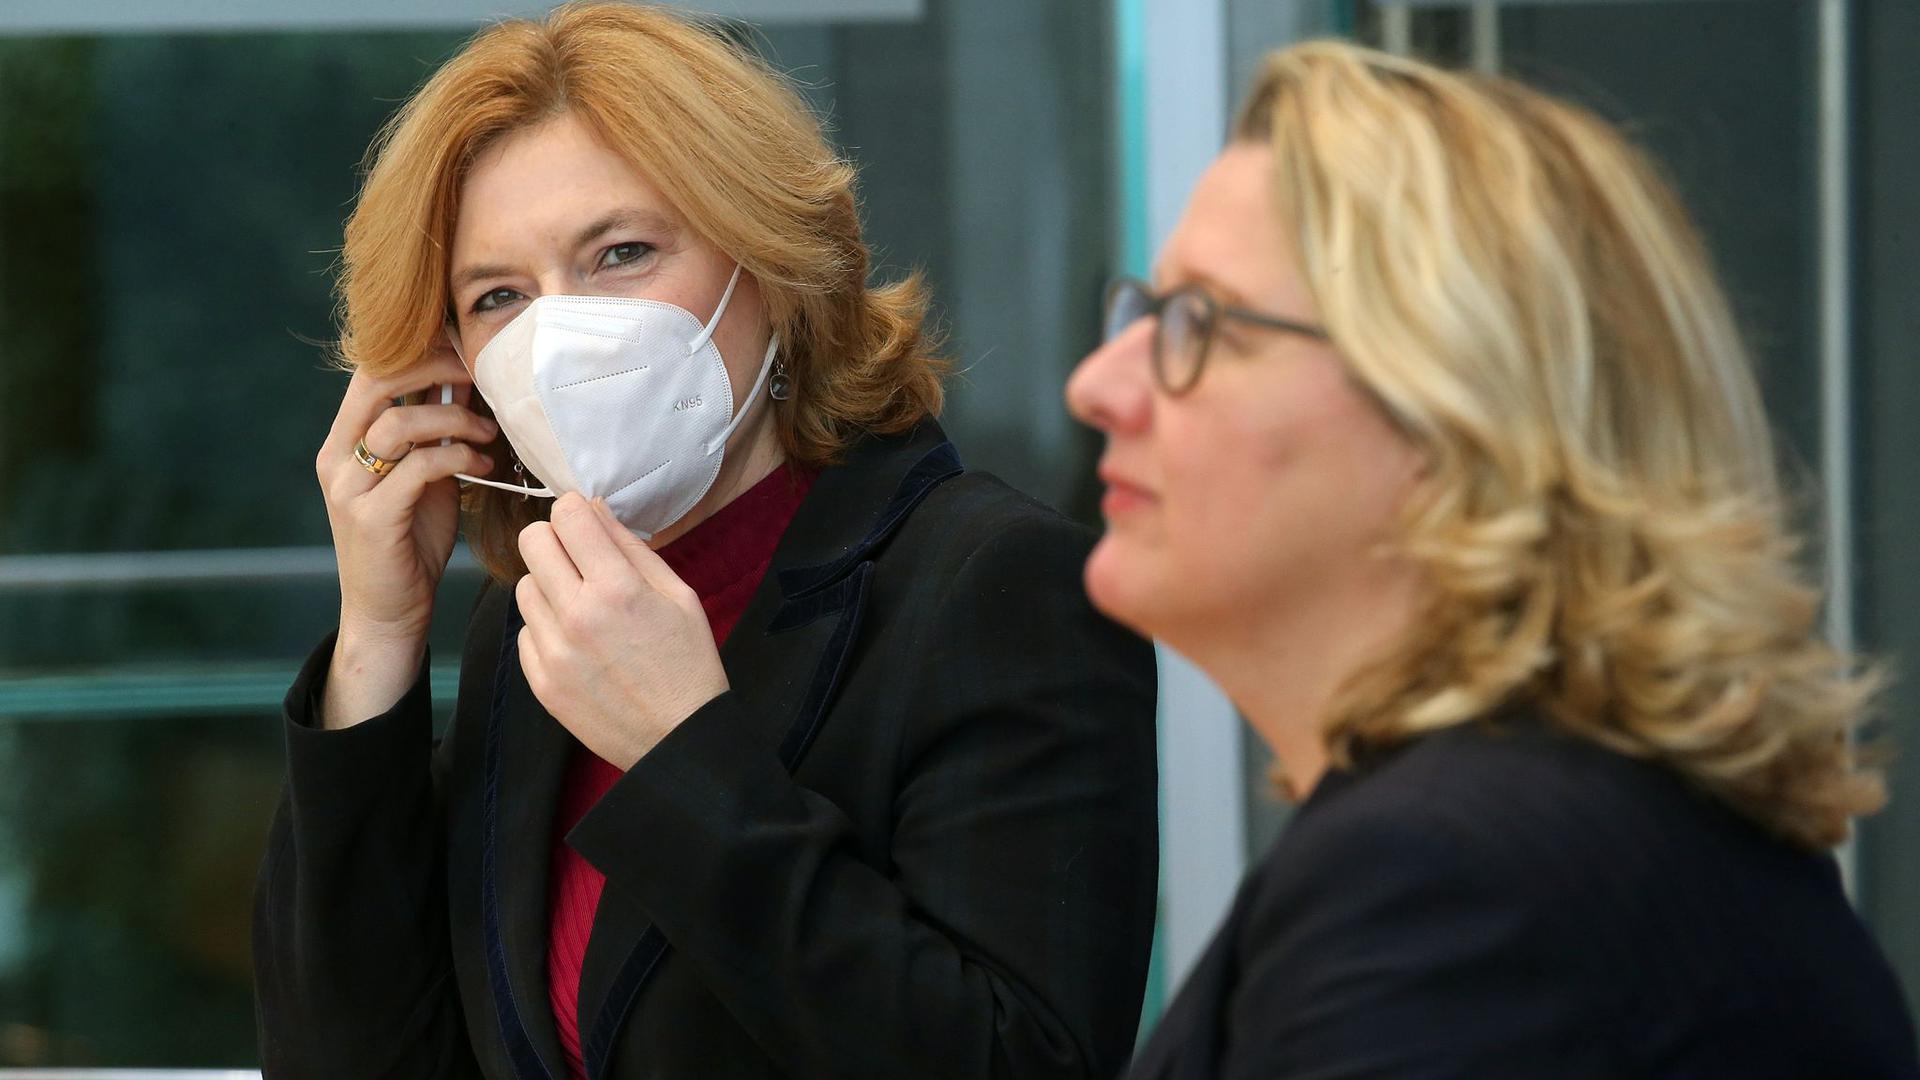 Die Ministerinnen Julia Klöckner (l) und Svenja Schulze stellen die Beschlüsse der Bundesregierung zum Insektenschutz vor.